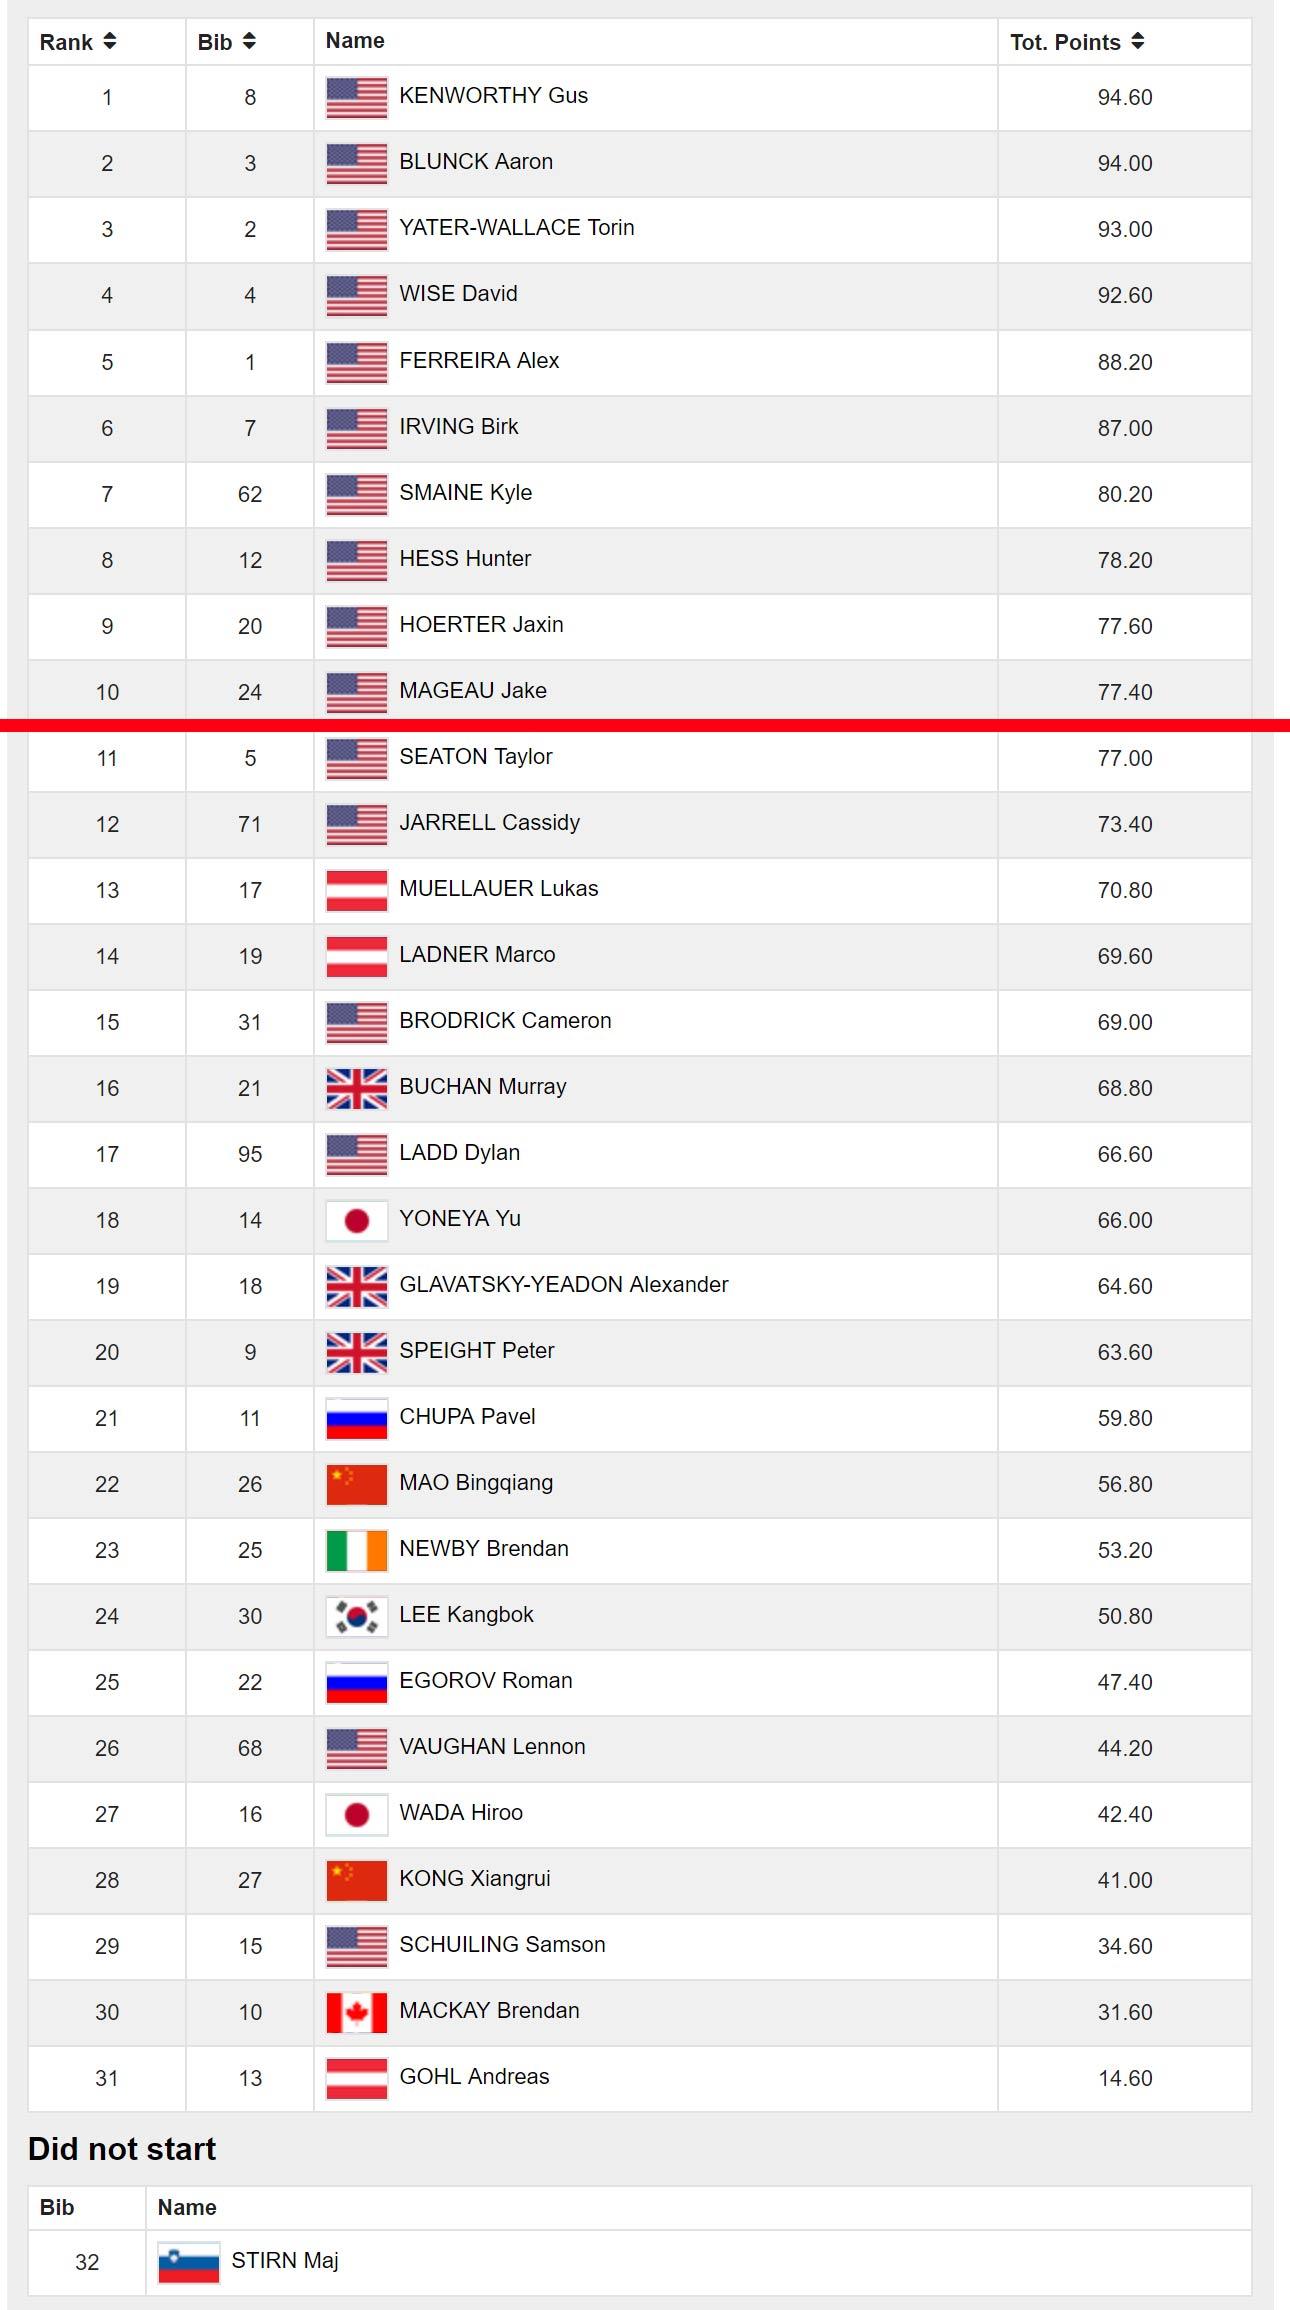 Die Ergebnisse vom Halfpipe Weltcup in Mammoth 2018 der Männer